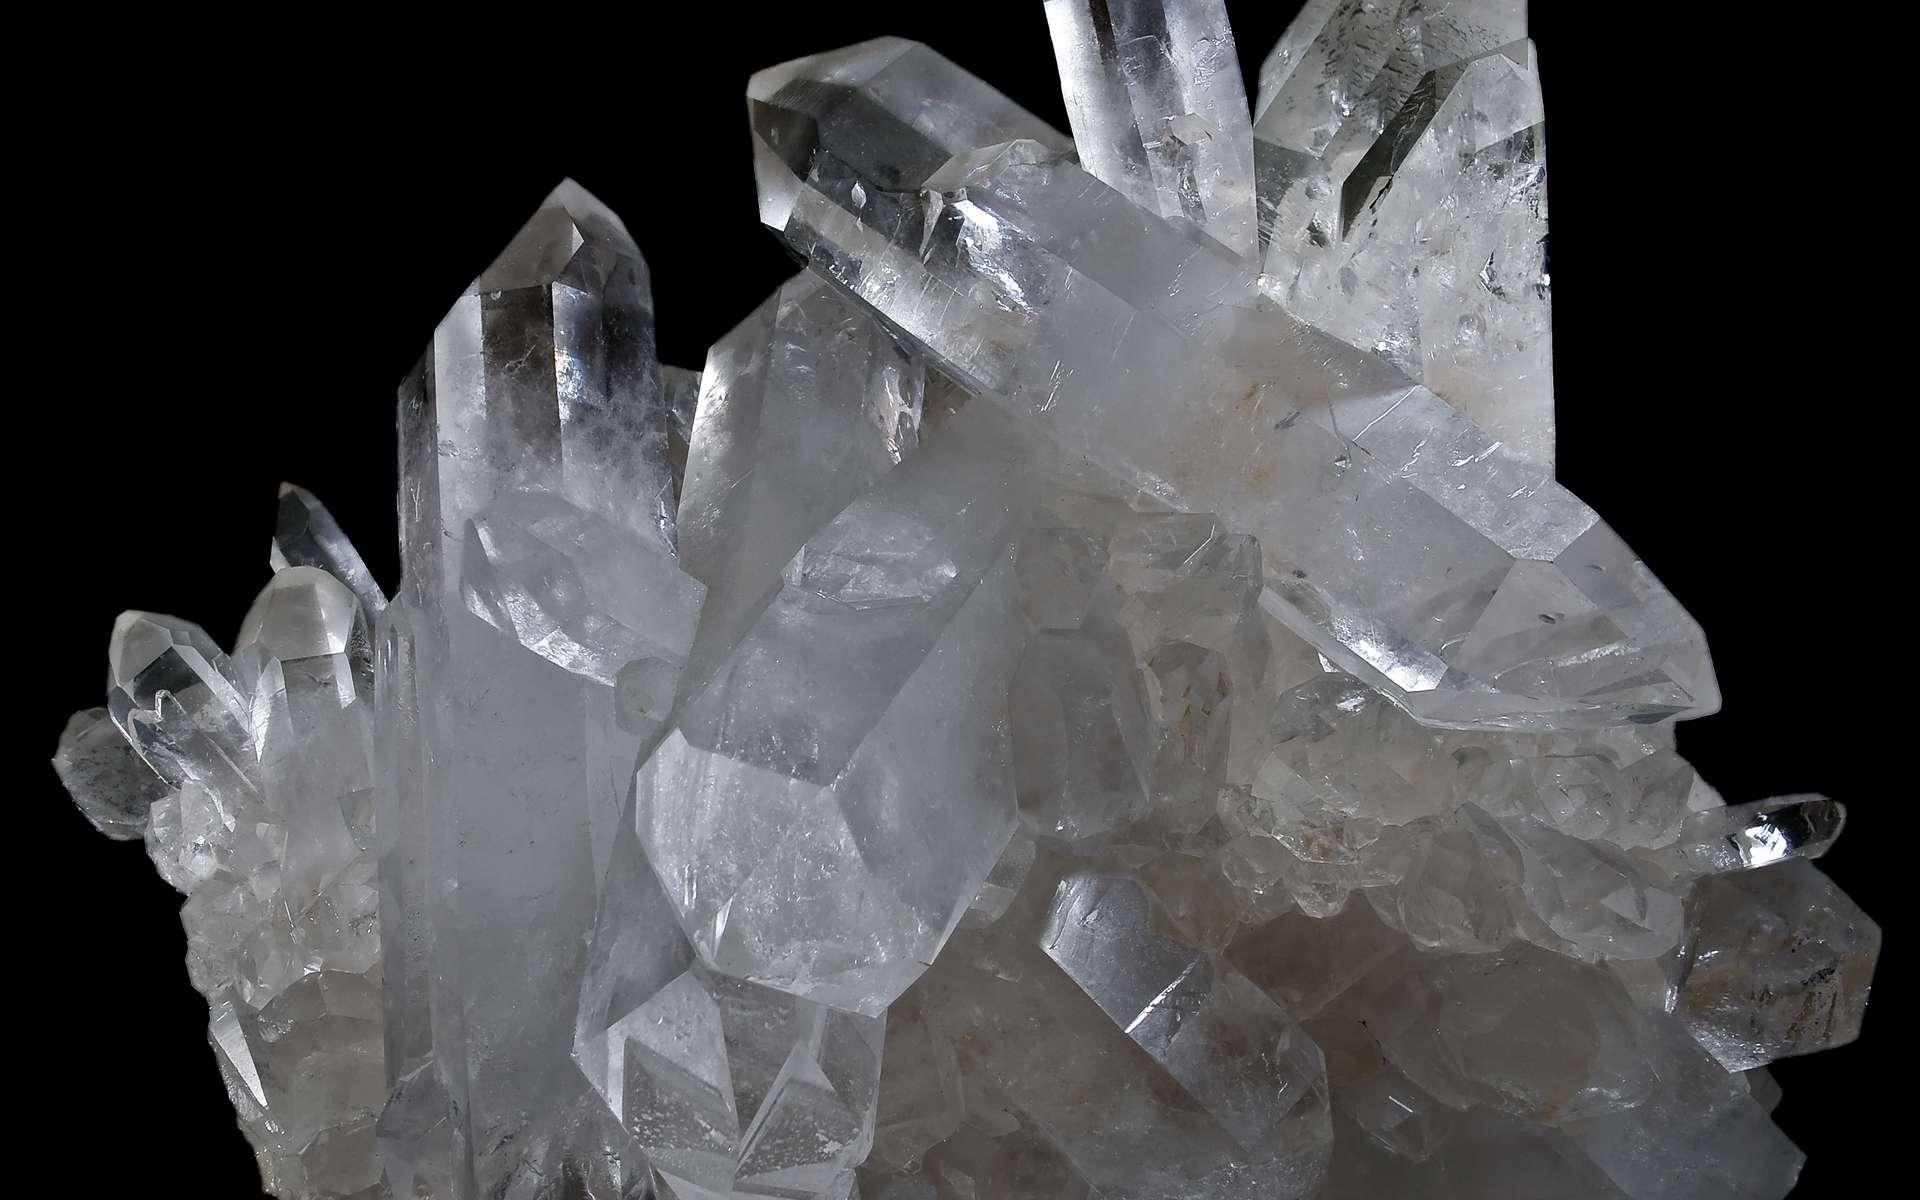 La montre à quartz repose sur l'oscillement de cristaux soumis à une impulsion électrique. © Didier Descouens, CC BY 3.0, Wikimédia Commons